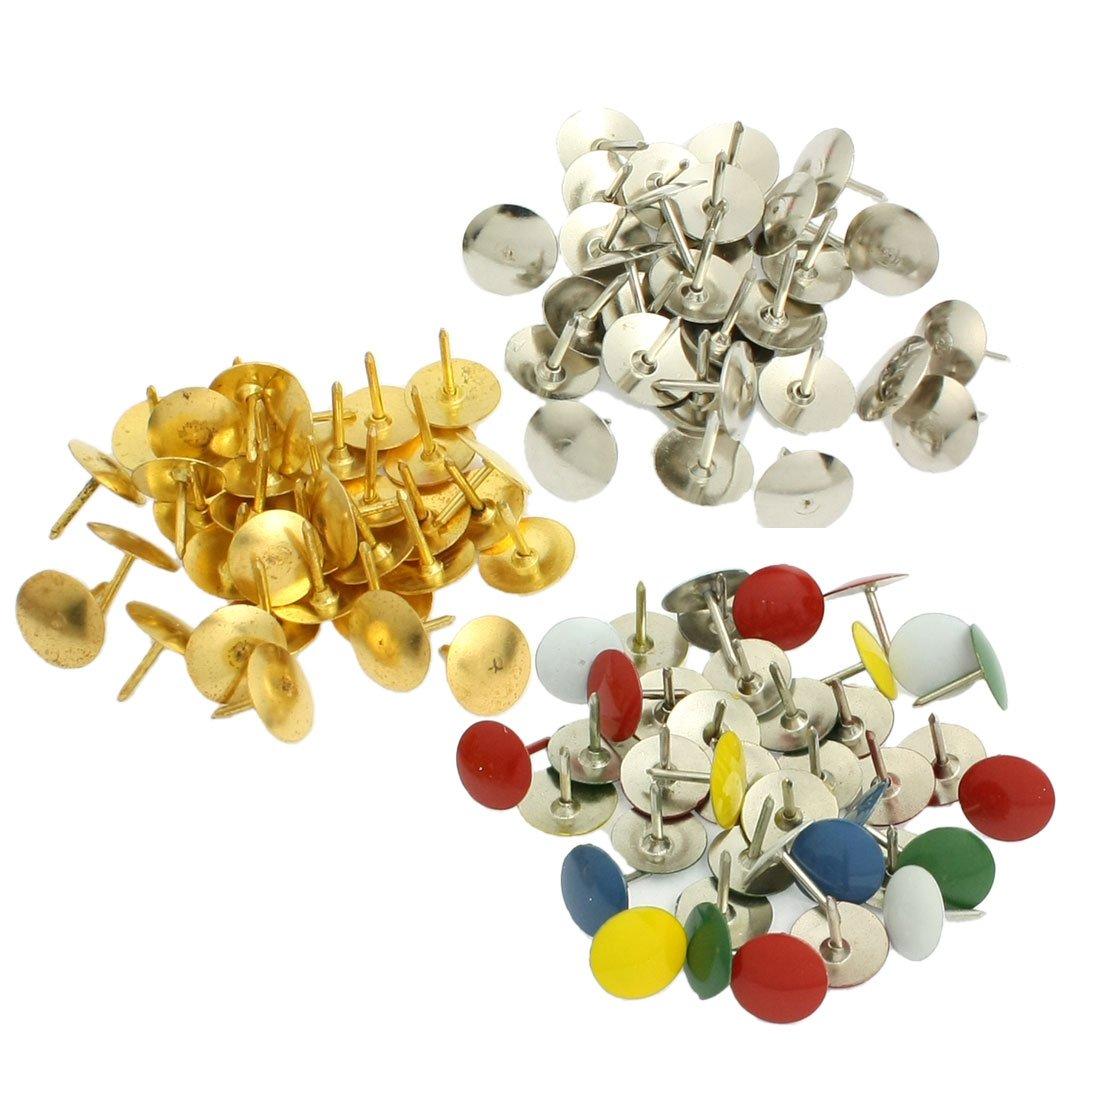 Puntine in metallo con testa rotonda multicolore per appendere foto in bacheca di sughero, confezione da 90 pezzi confezione da 90pezzi SourcingMap a13010200ux0397